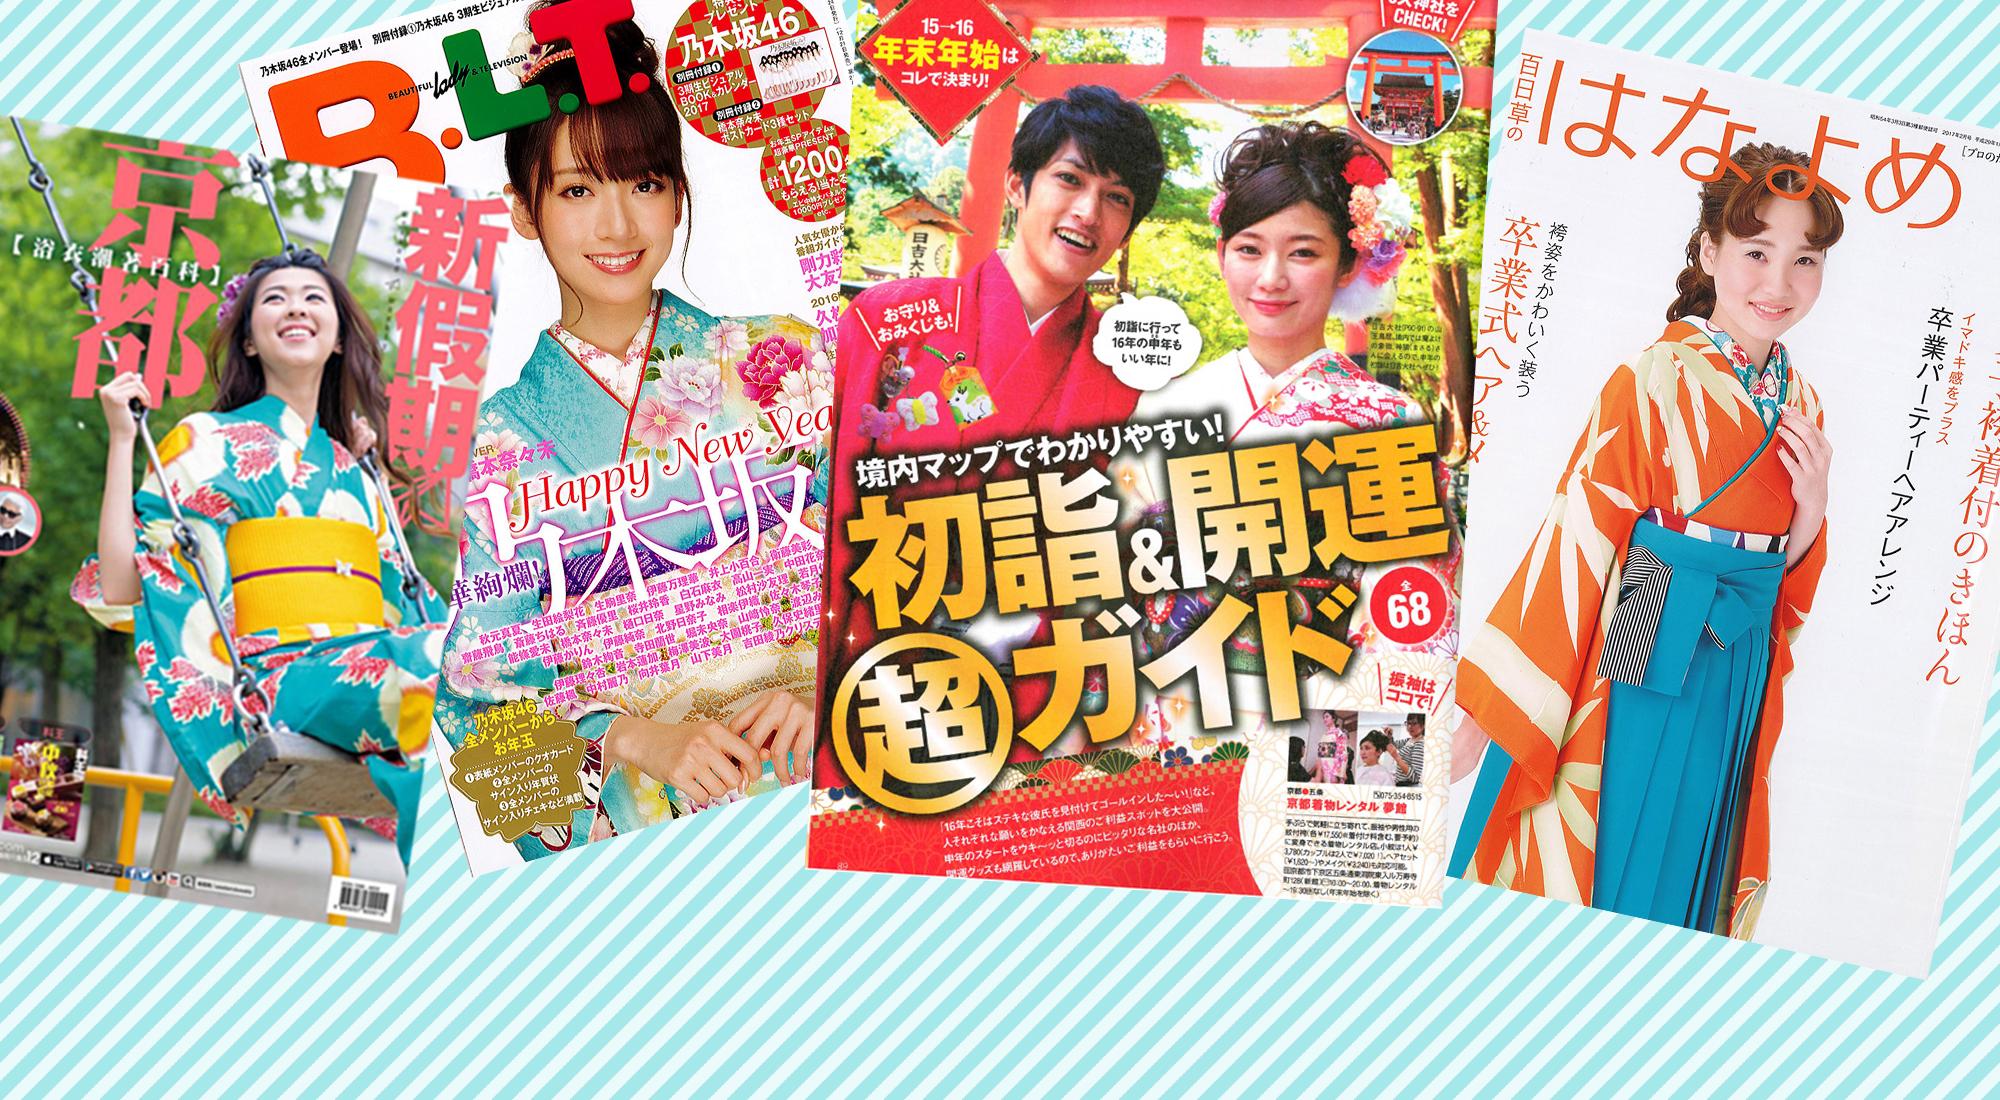 香港のフリーペーパー「Metro Daily」に取材して頂いてます